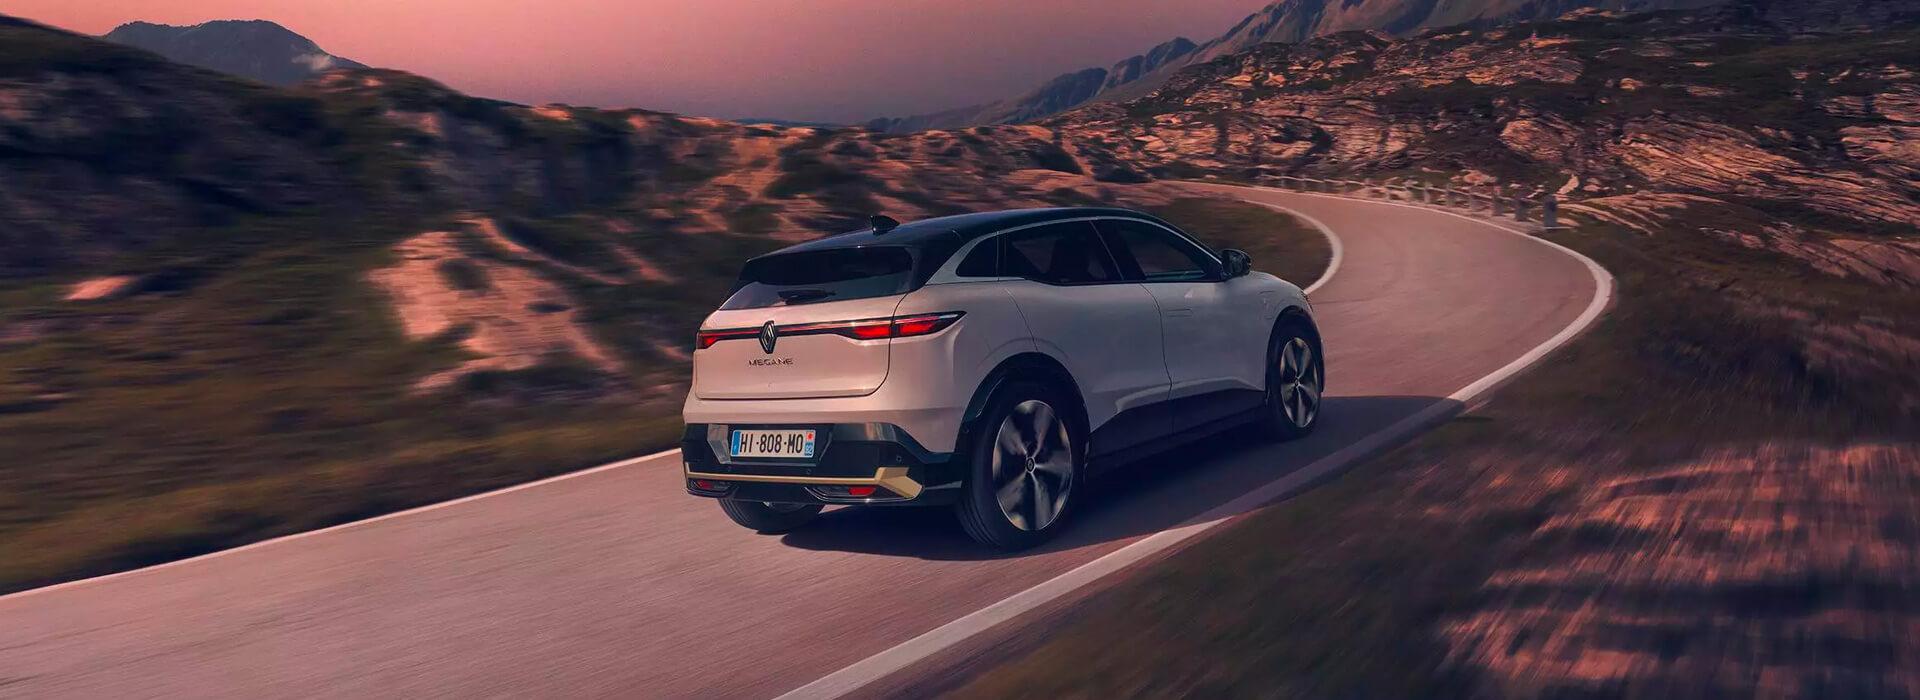 Megane E-Tech 100%electric er smidig som en kompaktsedan og sprek som en sportssedan. Elektromotoren foran på 220hk, et umiddelbart dreiemoment på 300Nm og 20-tommers hjul gir helt nye kjøreegenskaper.